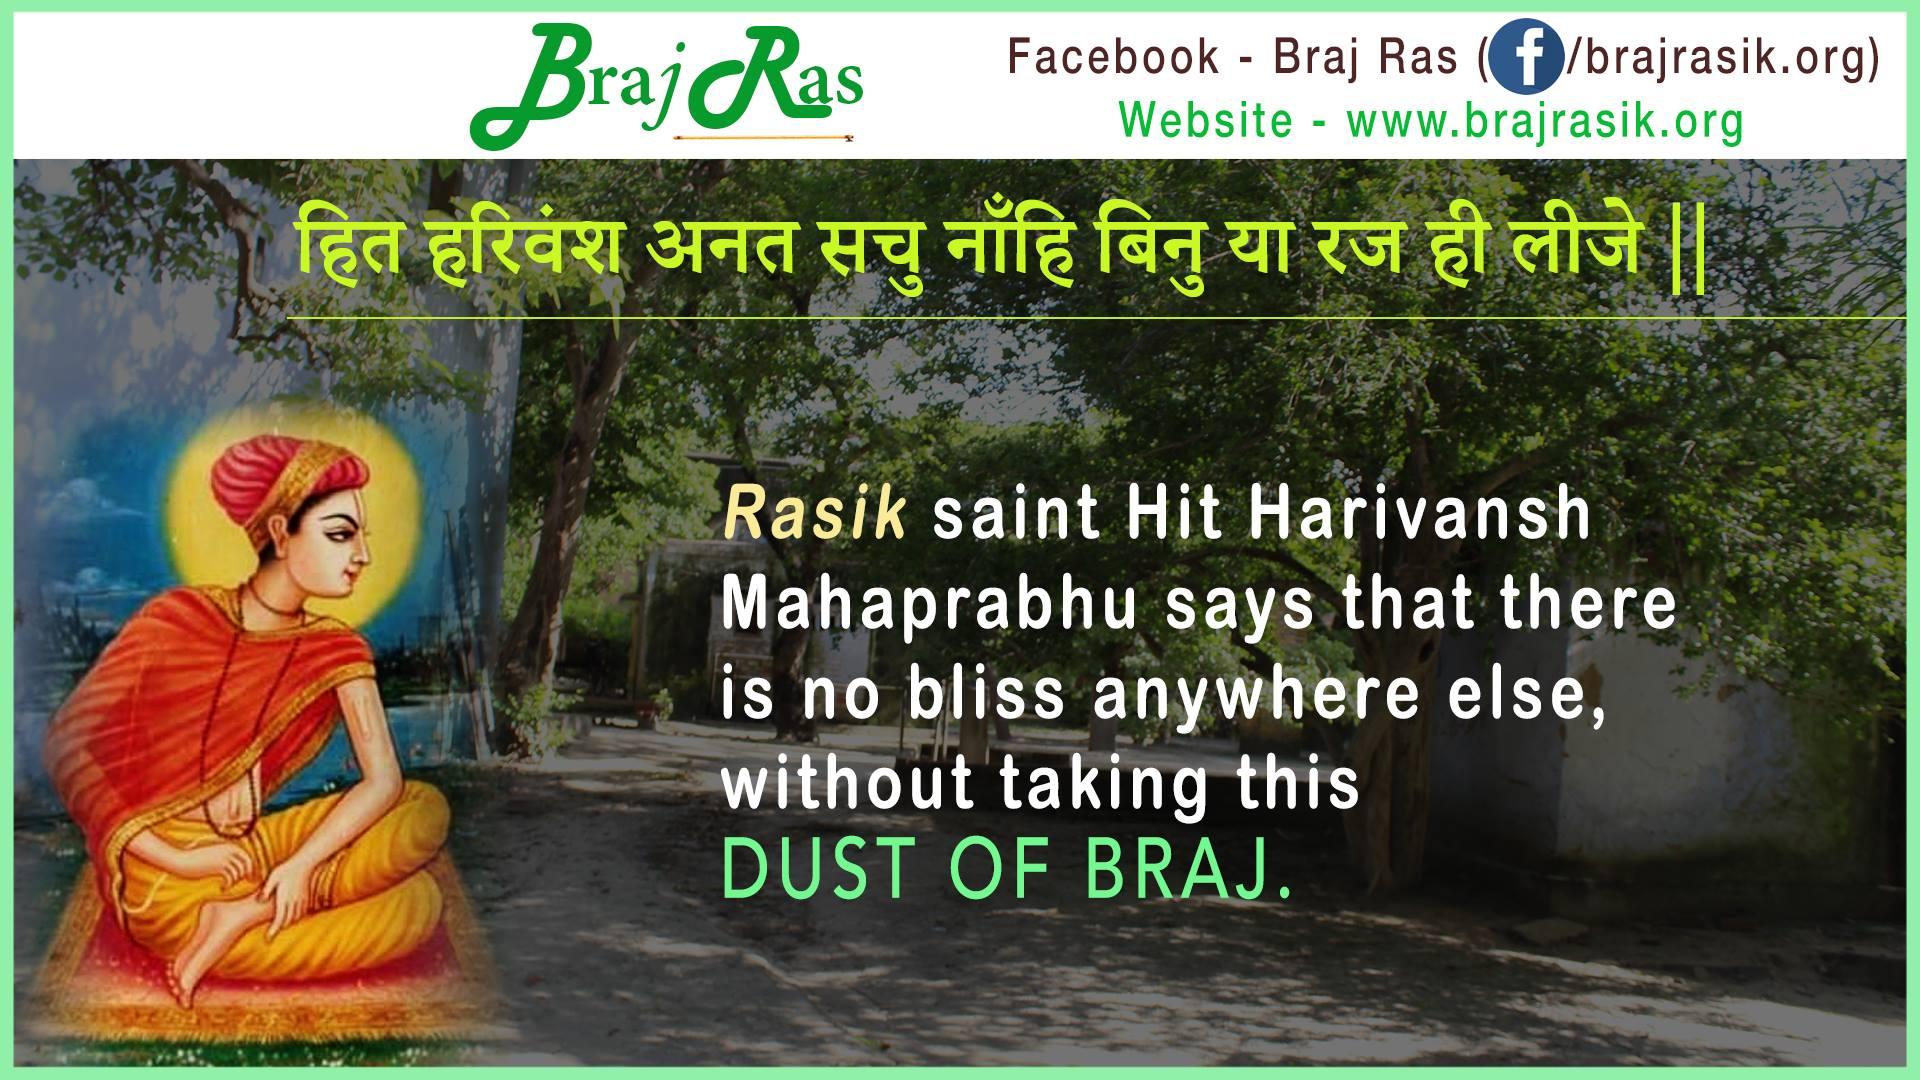 Hit Harivansh Anat Sachu Nahi Binu Ya Raj Hi Lije- Hita Harivansh Mahaprabhu, sphut vani (20)